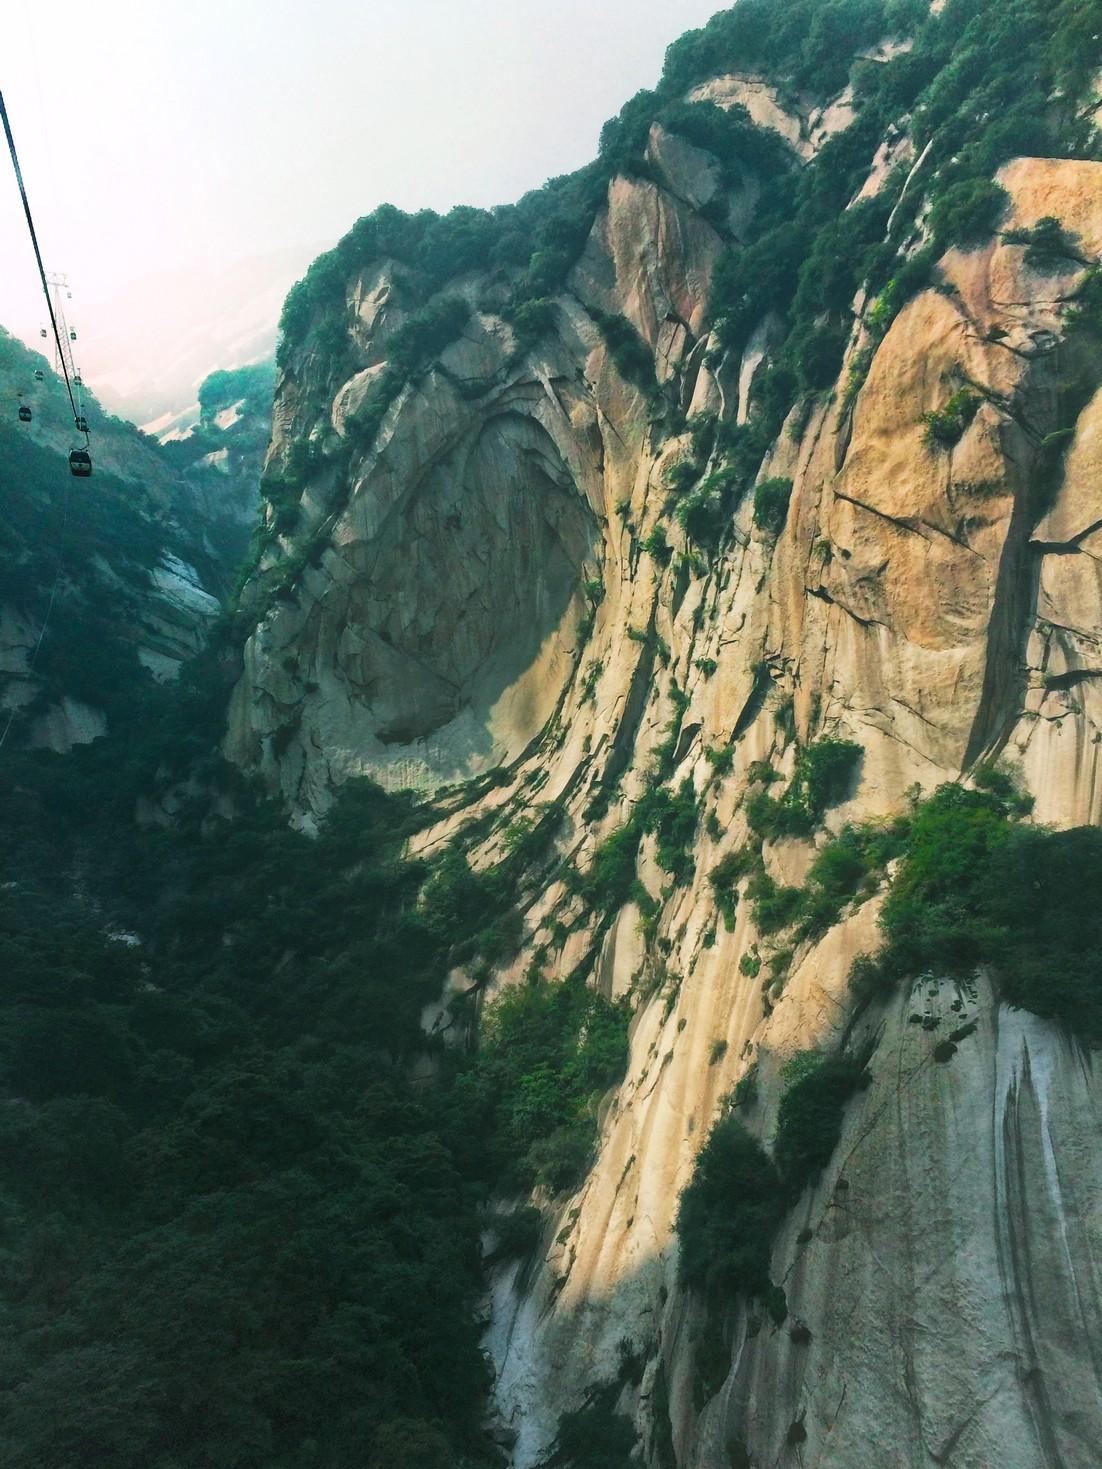 gondolas-in-granite-valley-at-huashan-national-park-1